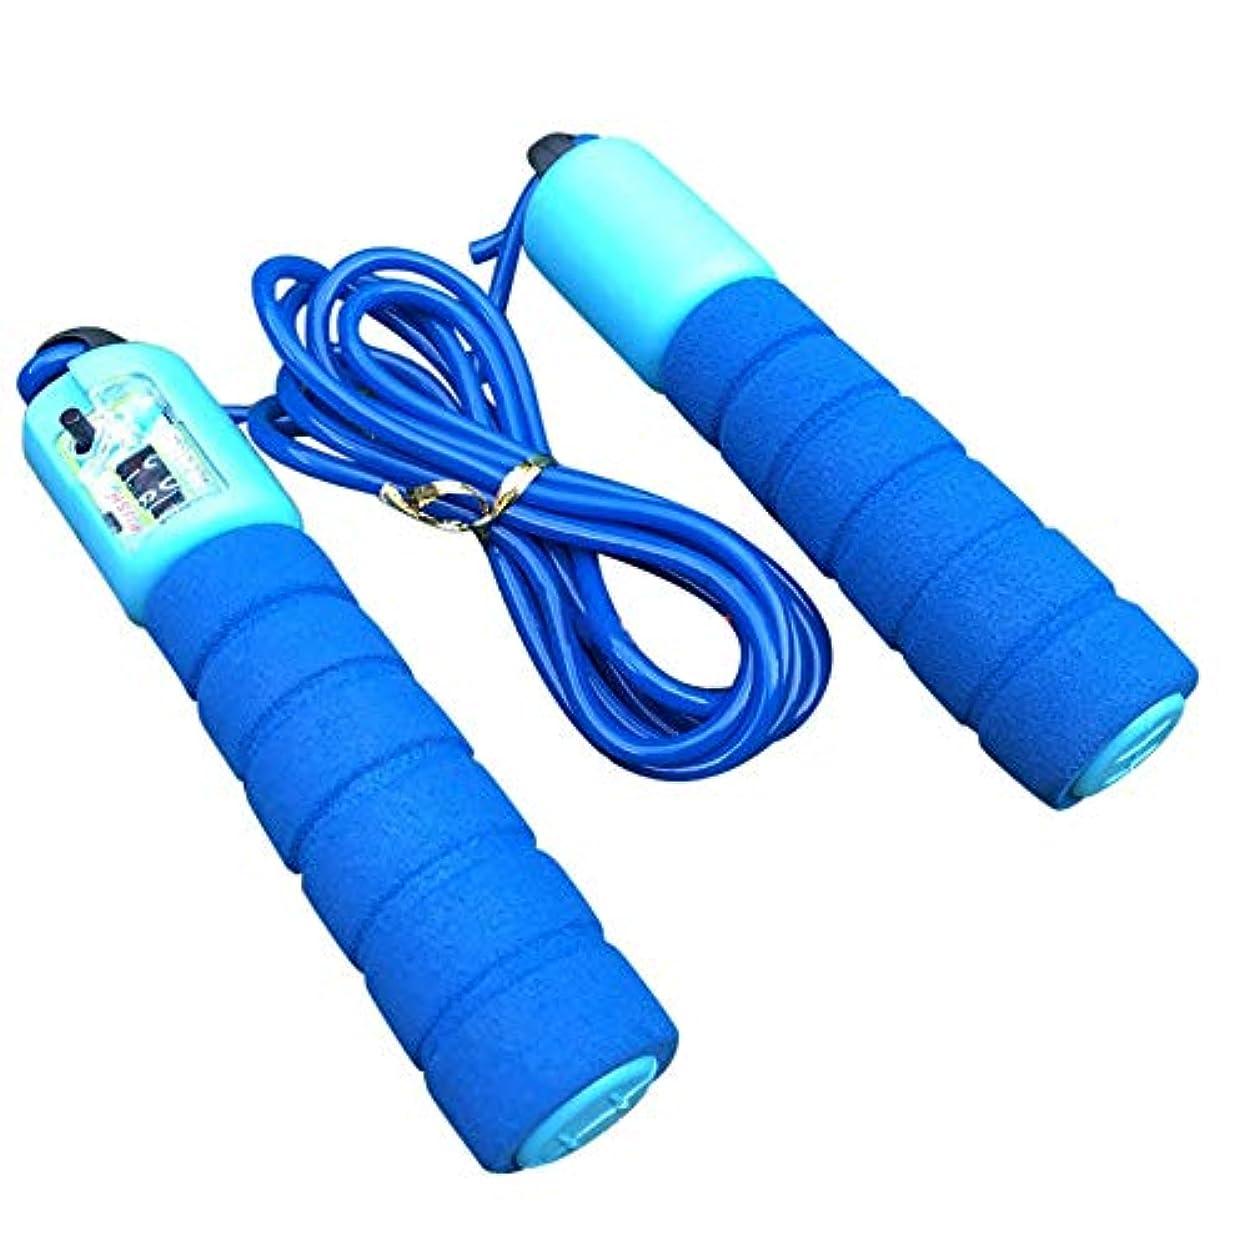 ハーフコミットエンジニアリング調整可能なプロフェッショナルカウント縄跳び自動カウントジャンプロープフィットネス運動高速カウントジャンプロープ - 青